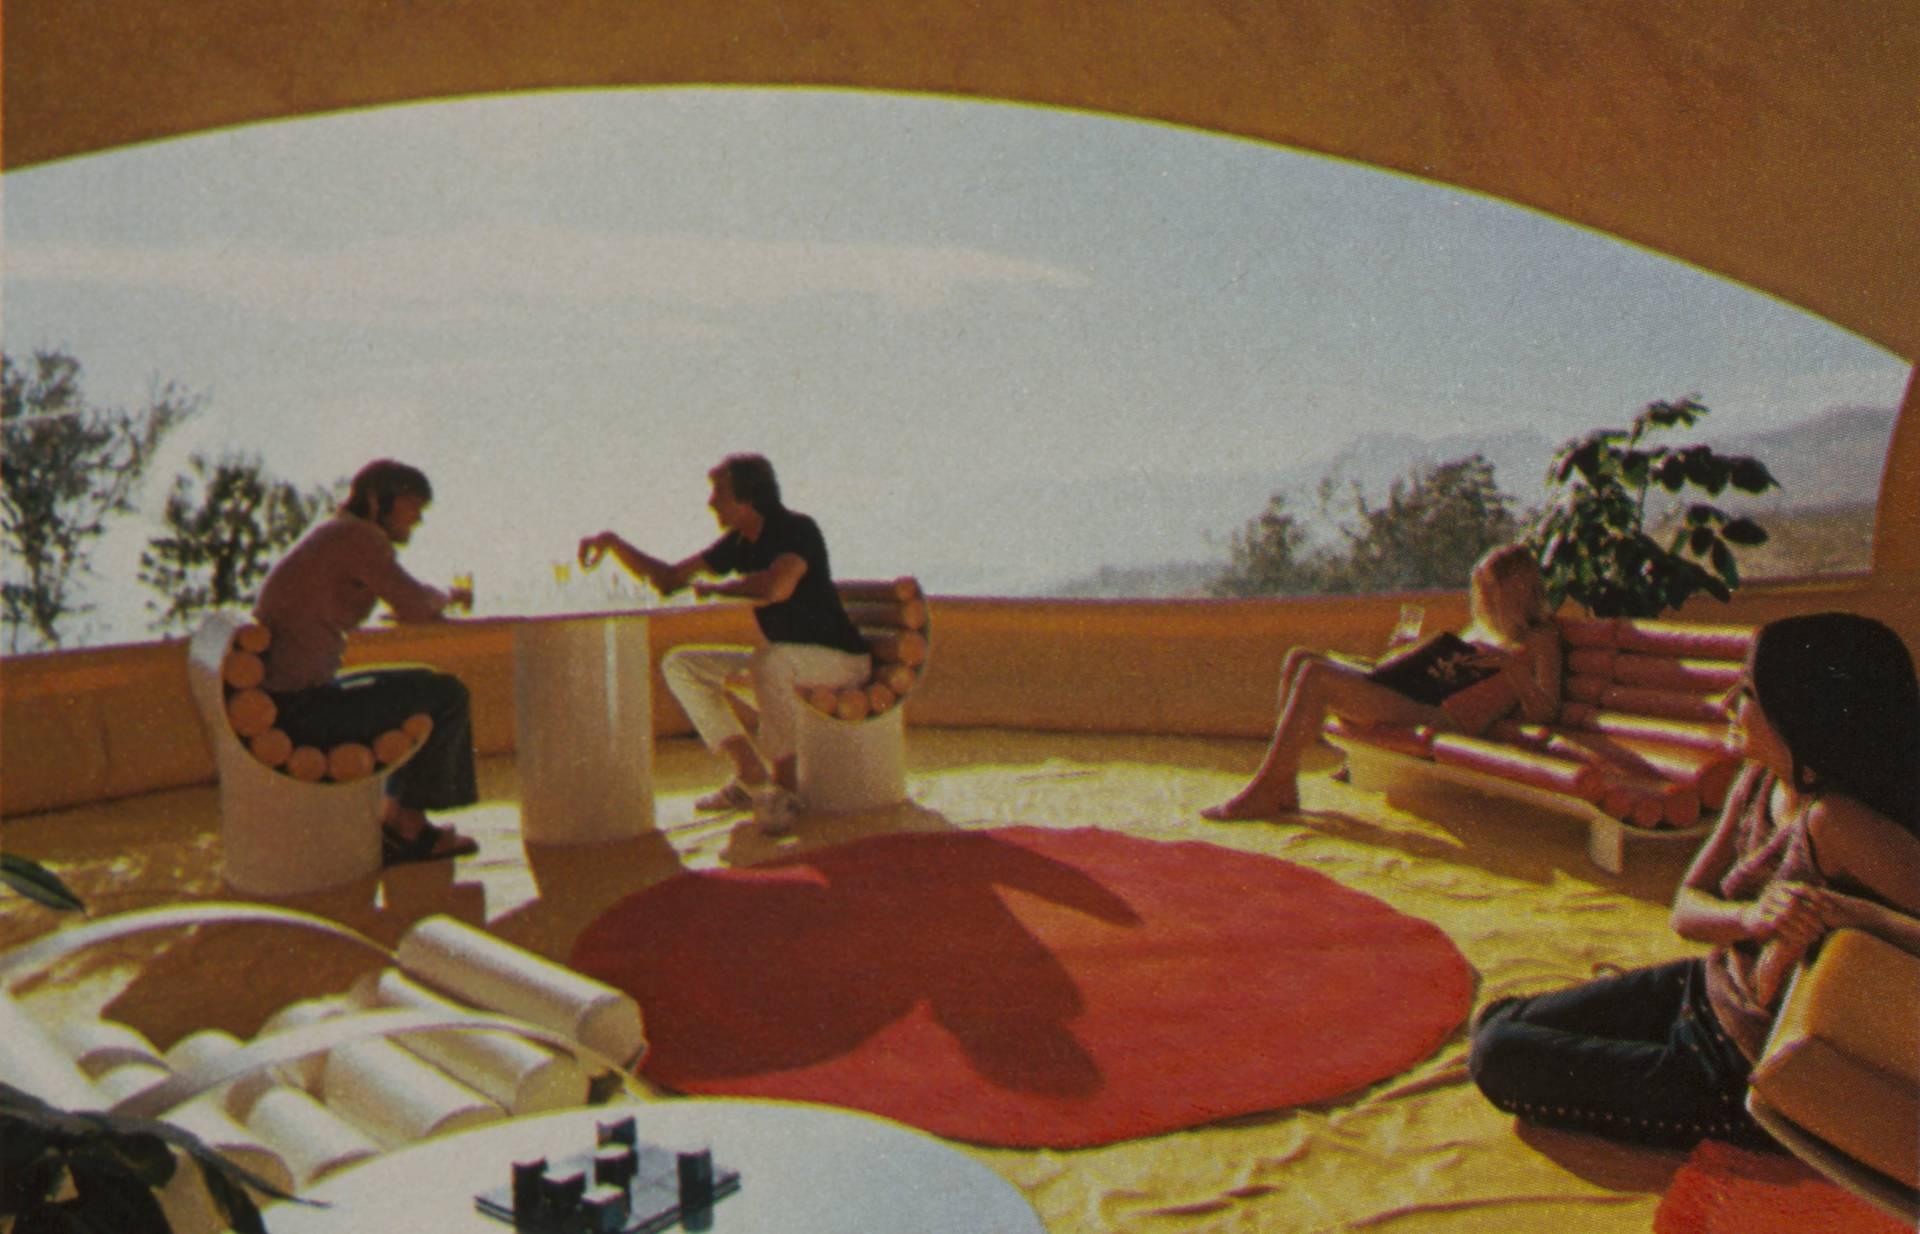 'Bubble House', de Design Studio Chrysalis. Publicado en la Revista Playboy (1972).